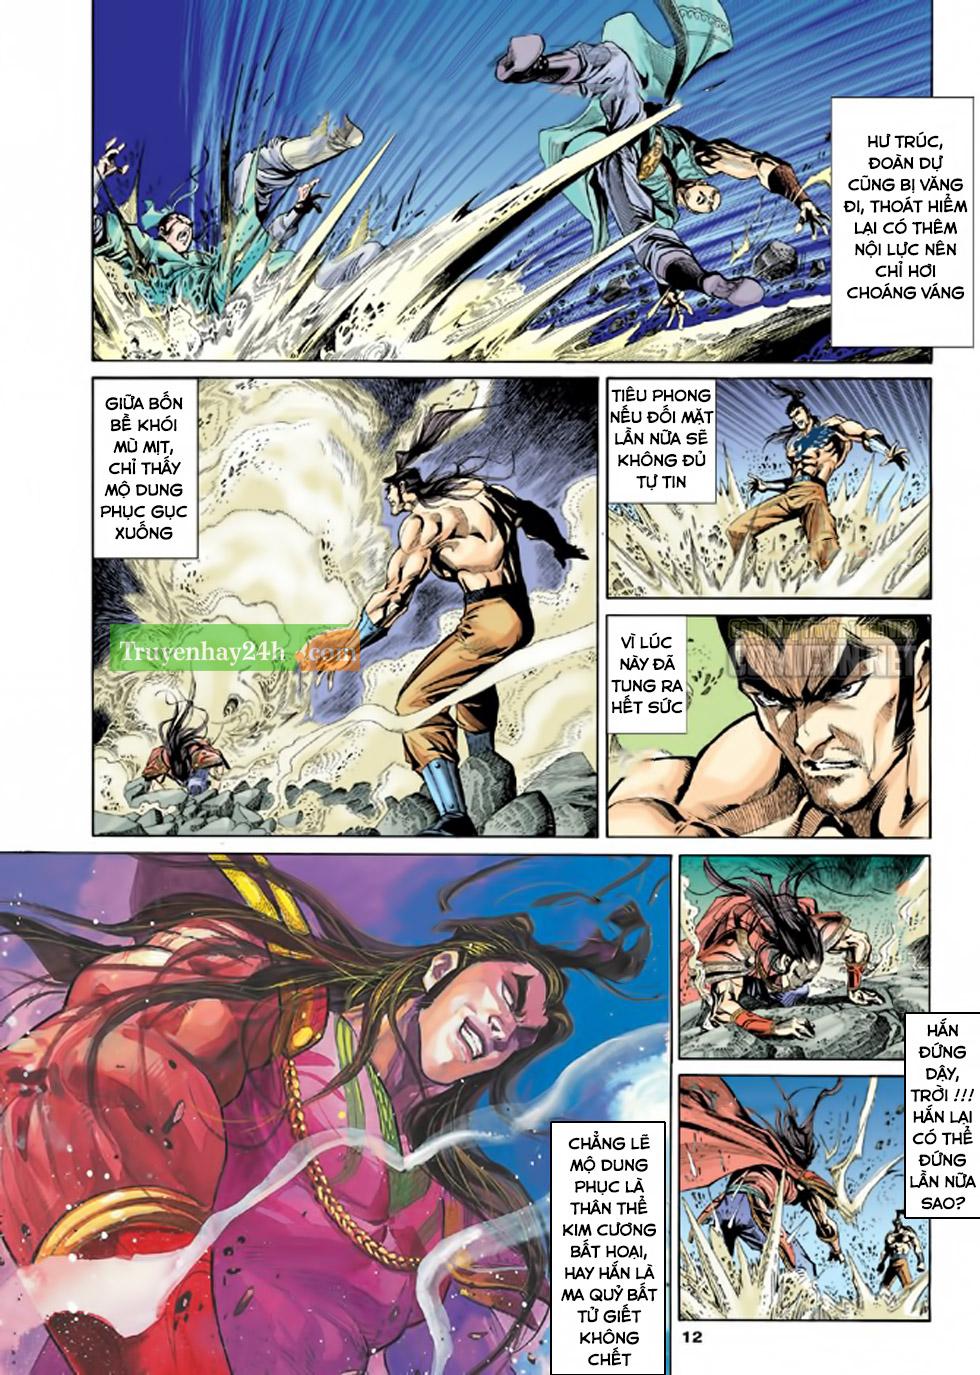 Thiên Long Bát Bộ chap 100 – End Trang 13 - Mangak.info